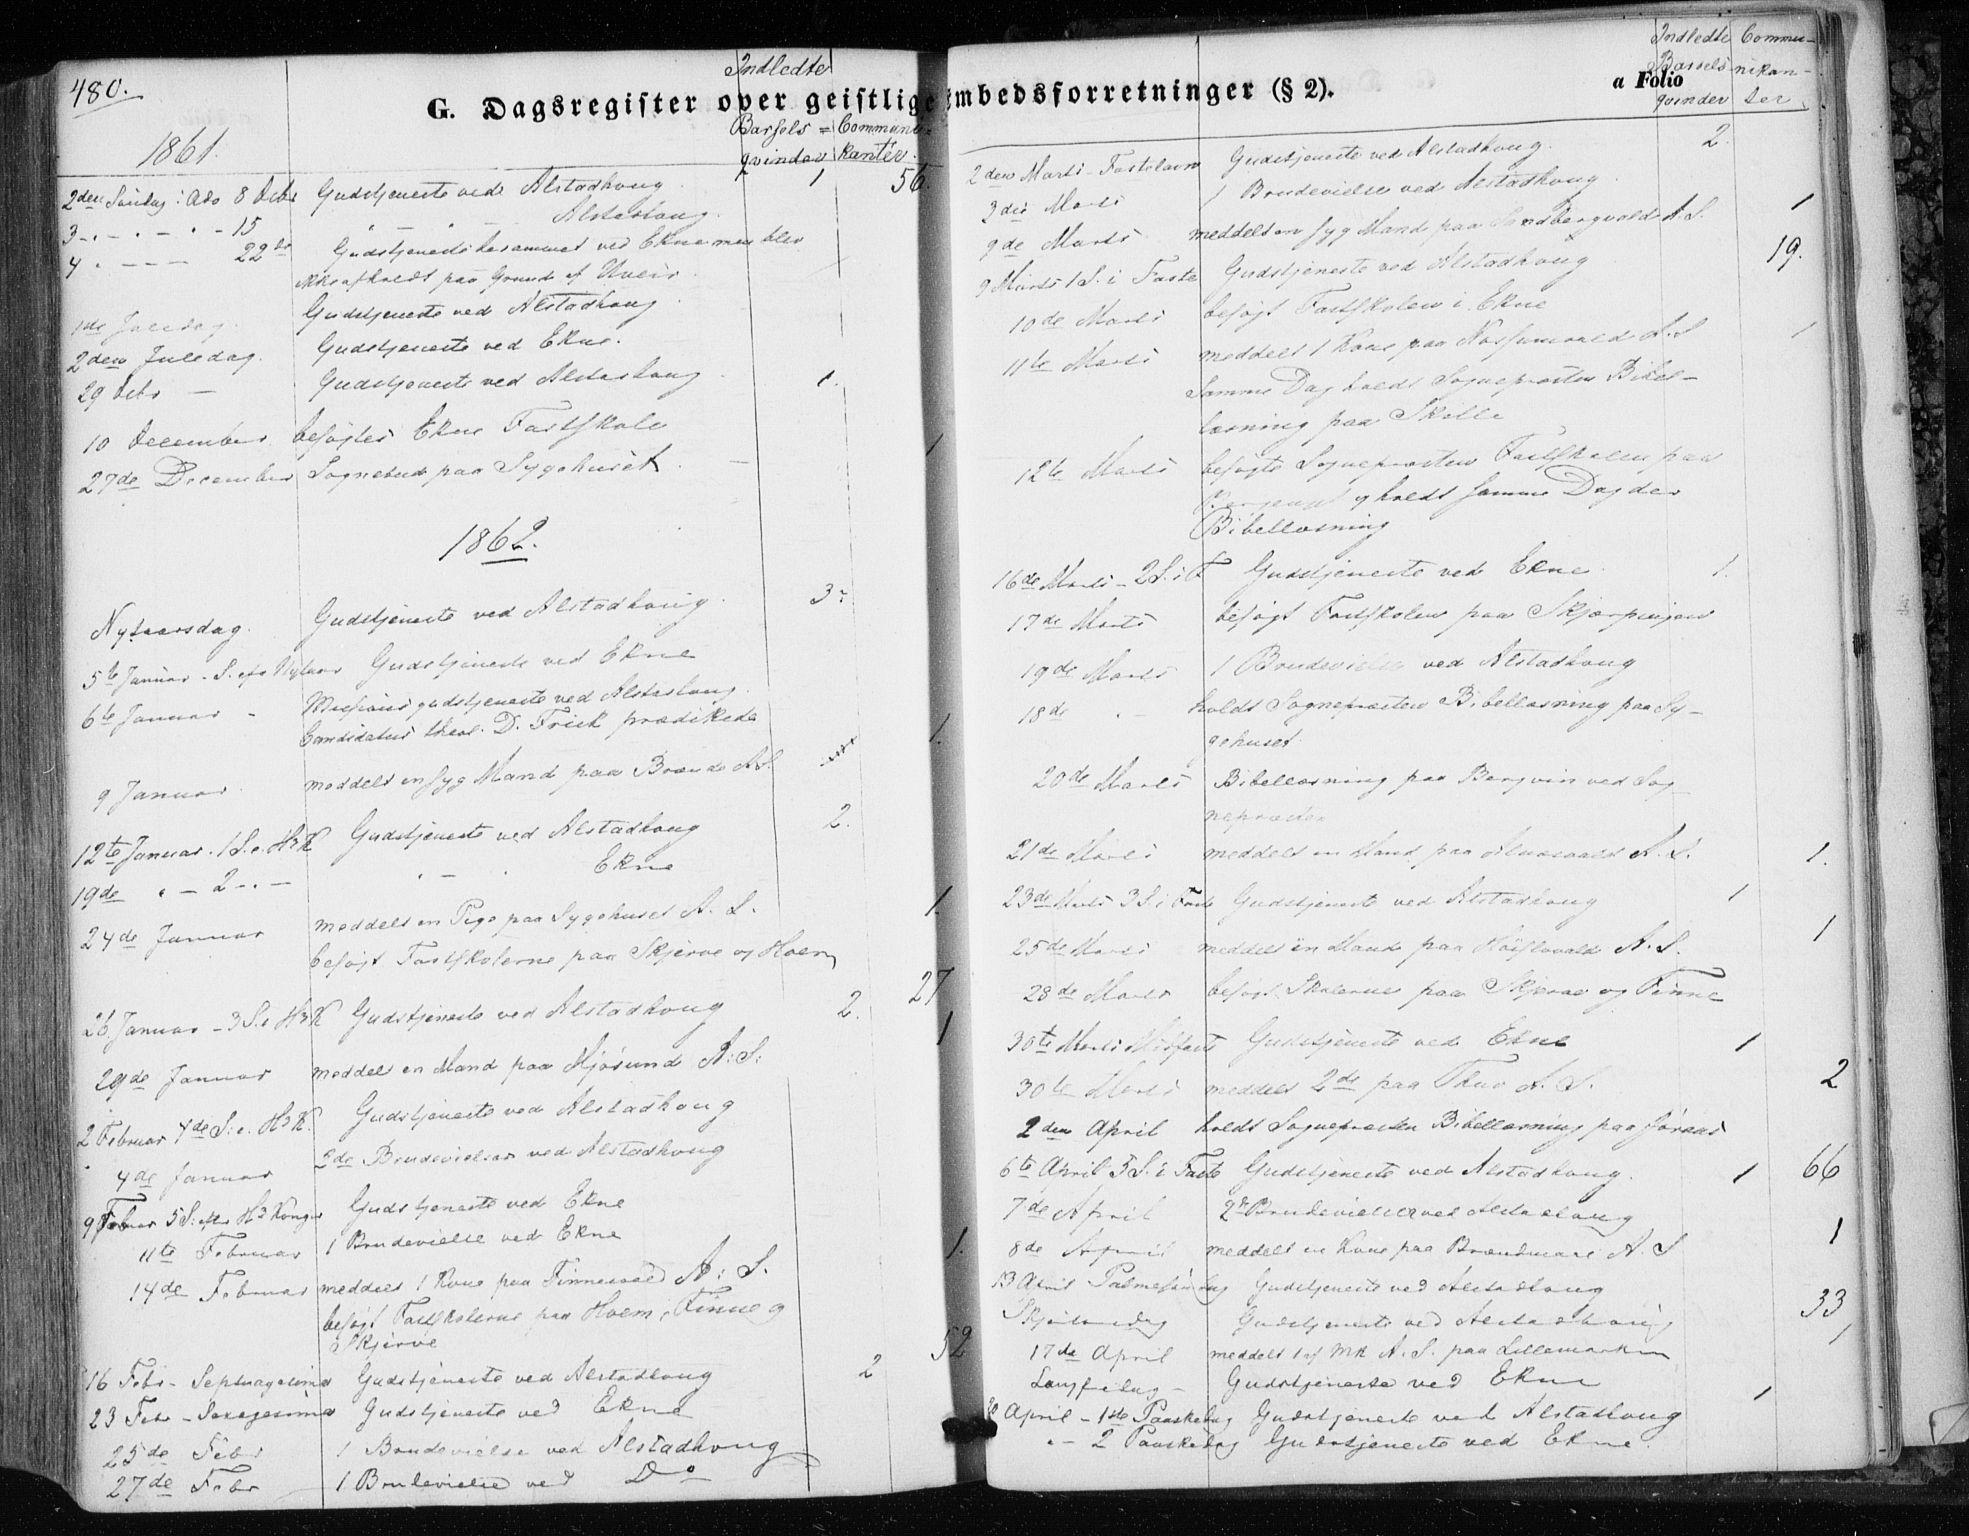 SAT, Ministerialprotokoller, klokkerbøker og fødselsregistre - Nord-Trøndelag, 717/L0154: Ministerialbok nr. 717A07 /1, 1850-1862, s. 480